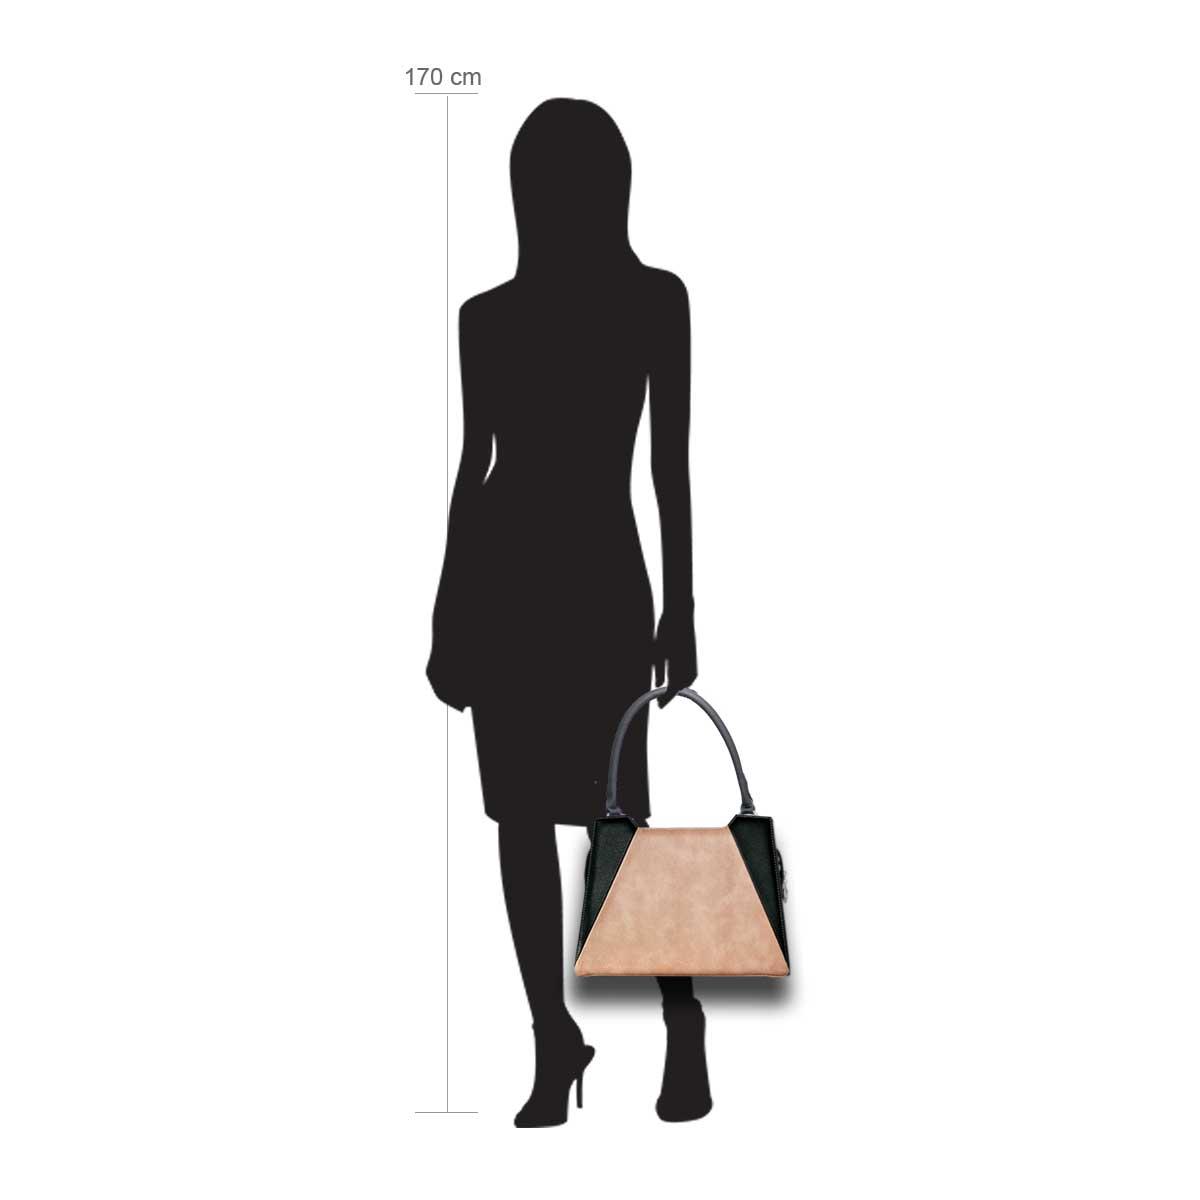 Puppe 170 cm groß mit Handtasche Modell: Bretagne